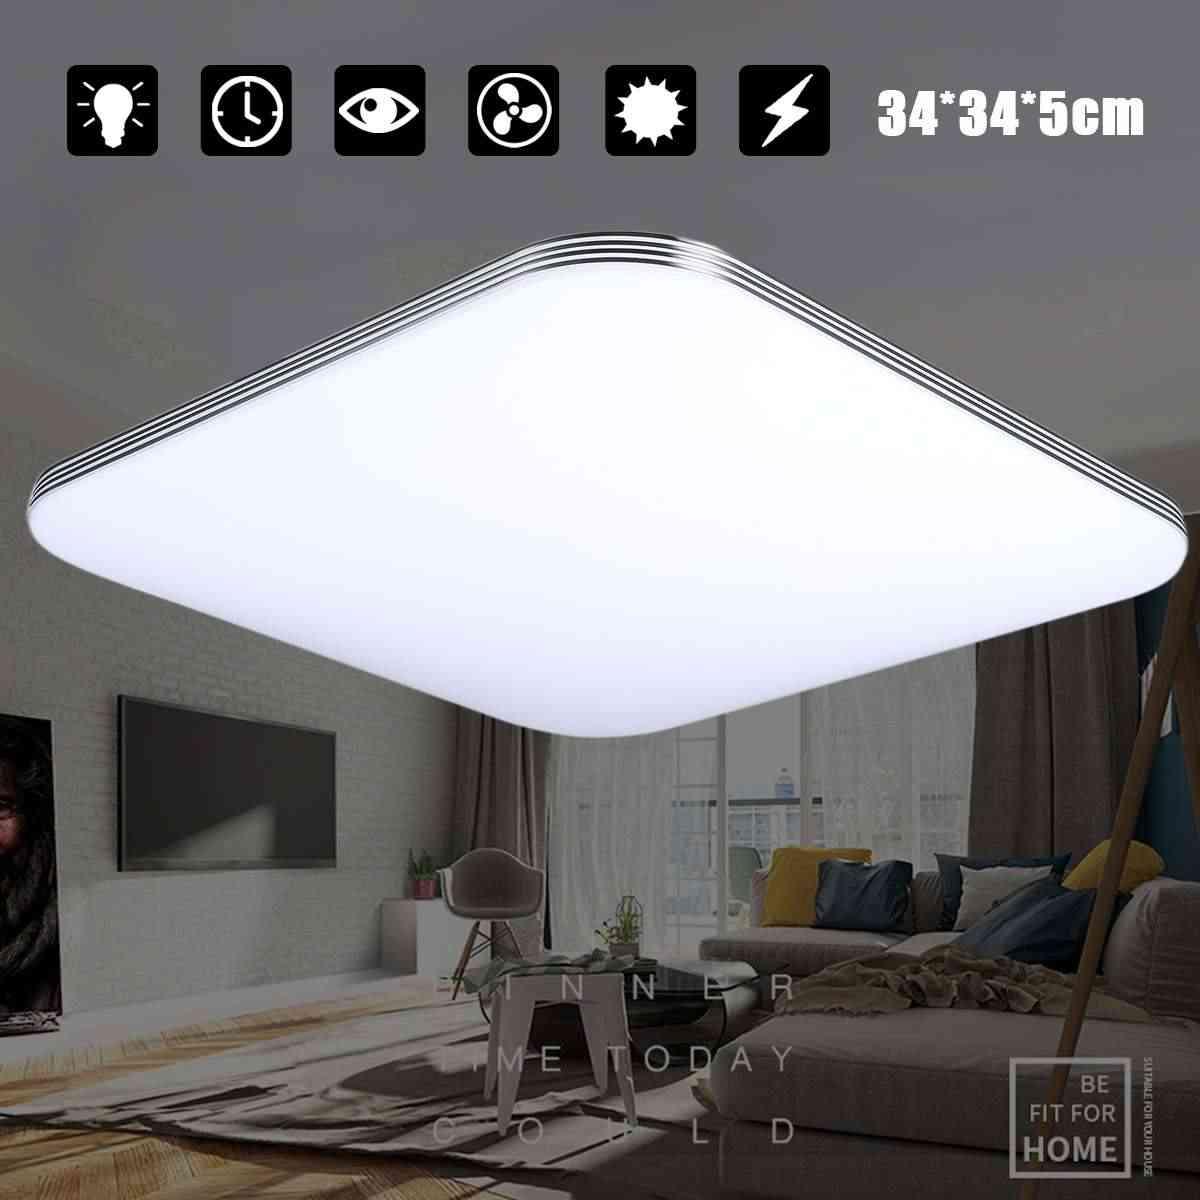 AUGIENB 1600LM 16W 5000K LED tavan ışıkları Modern lamba oturma odası  aydınlatma fikstür yatak odası mutfak yüzey montaj gömme panel Ceiling  Lights